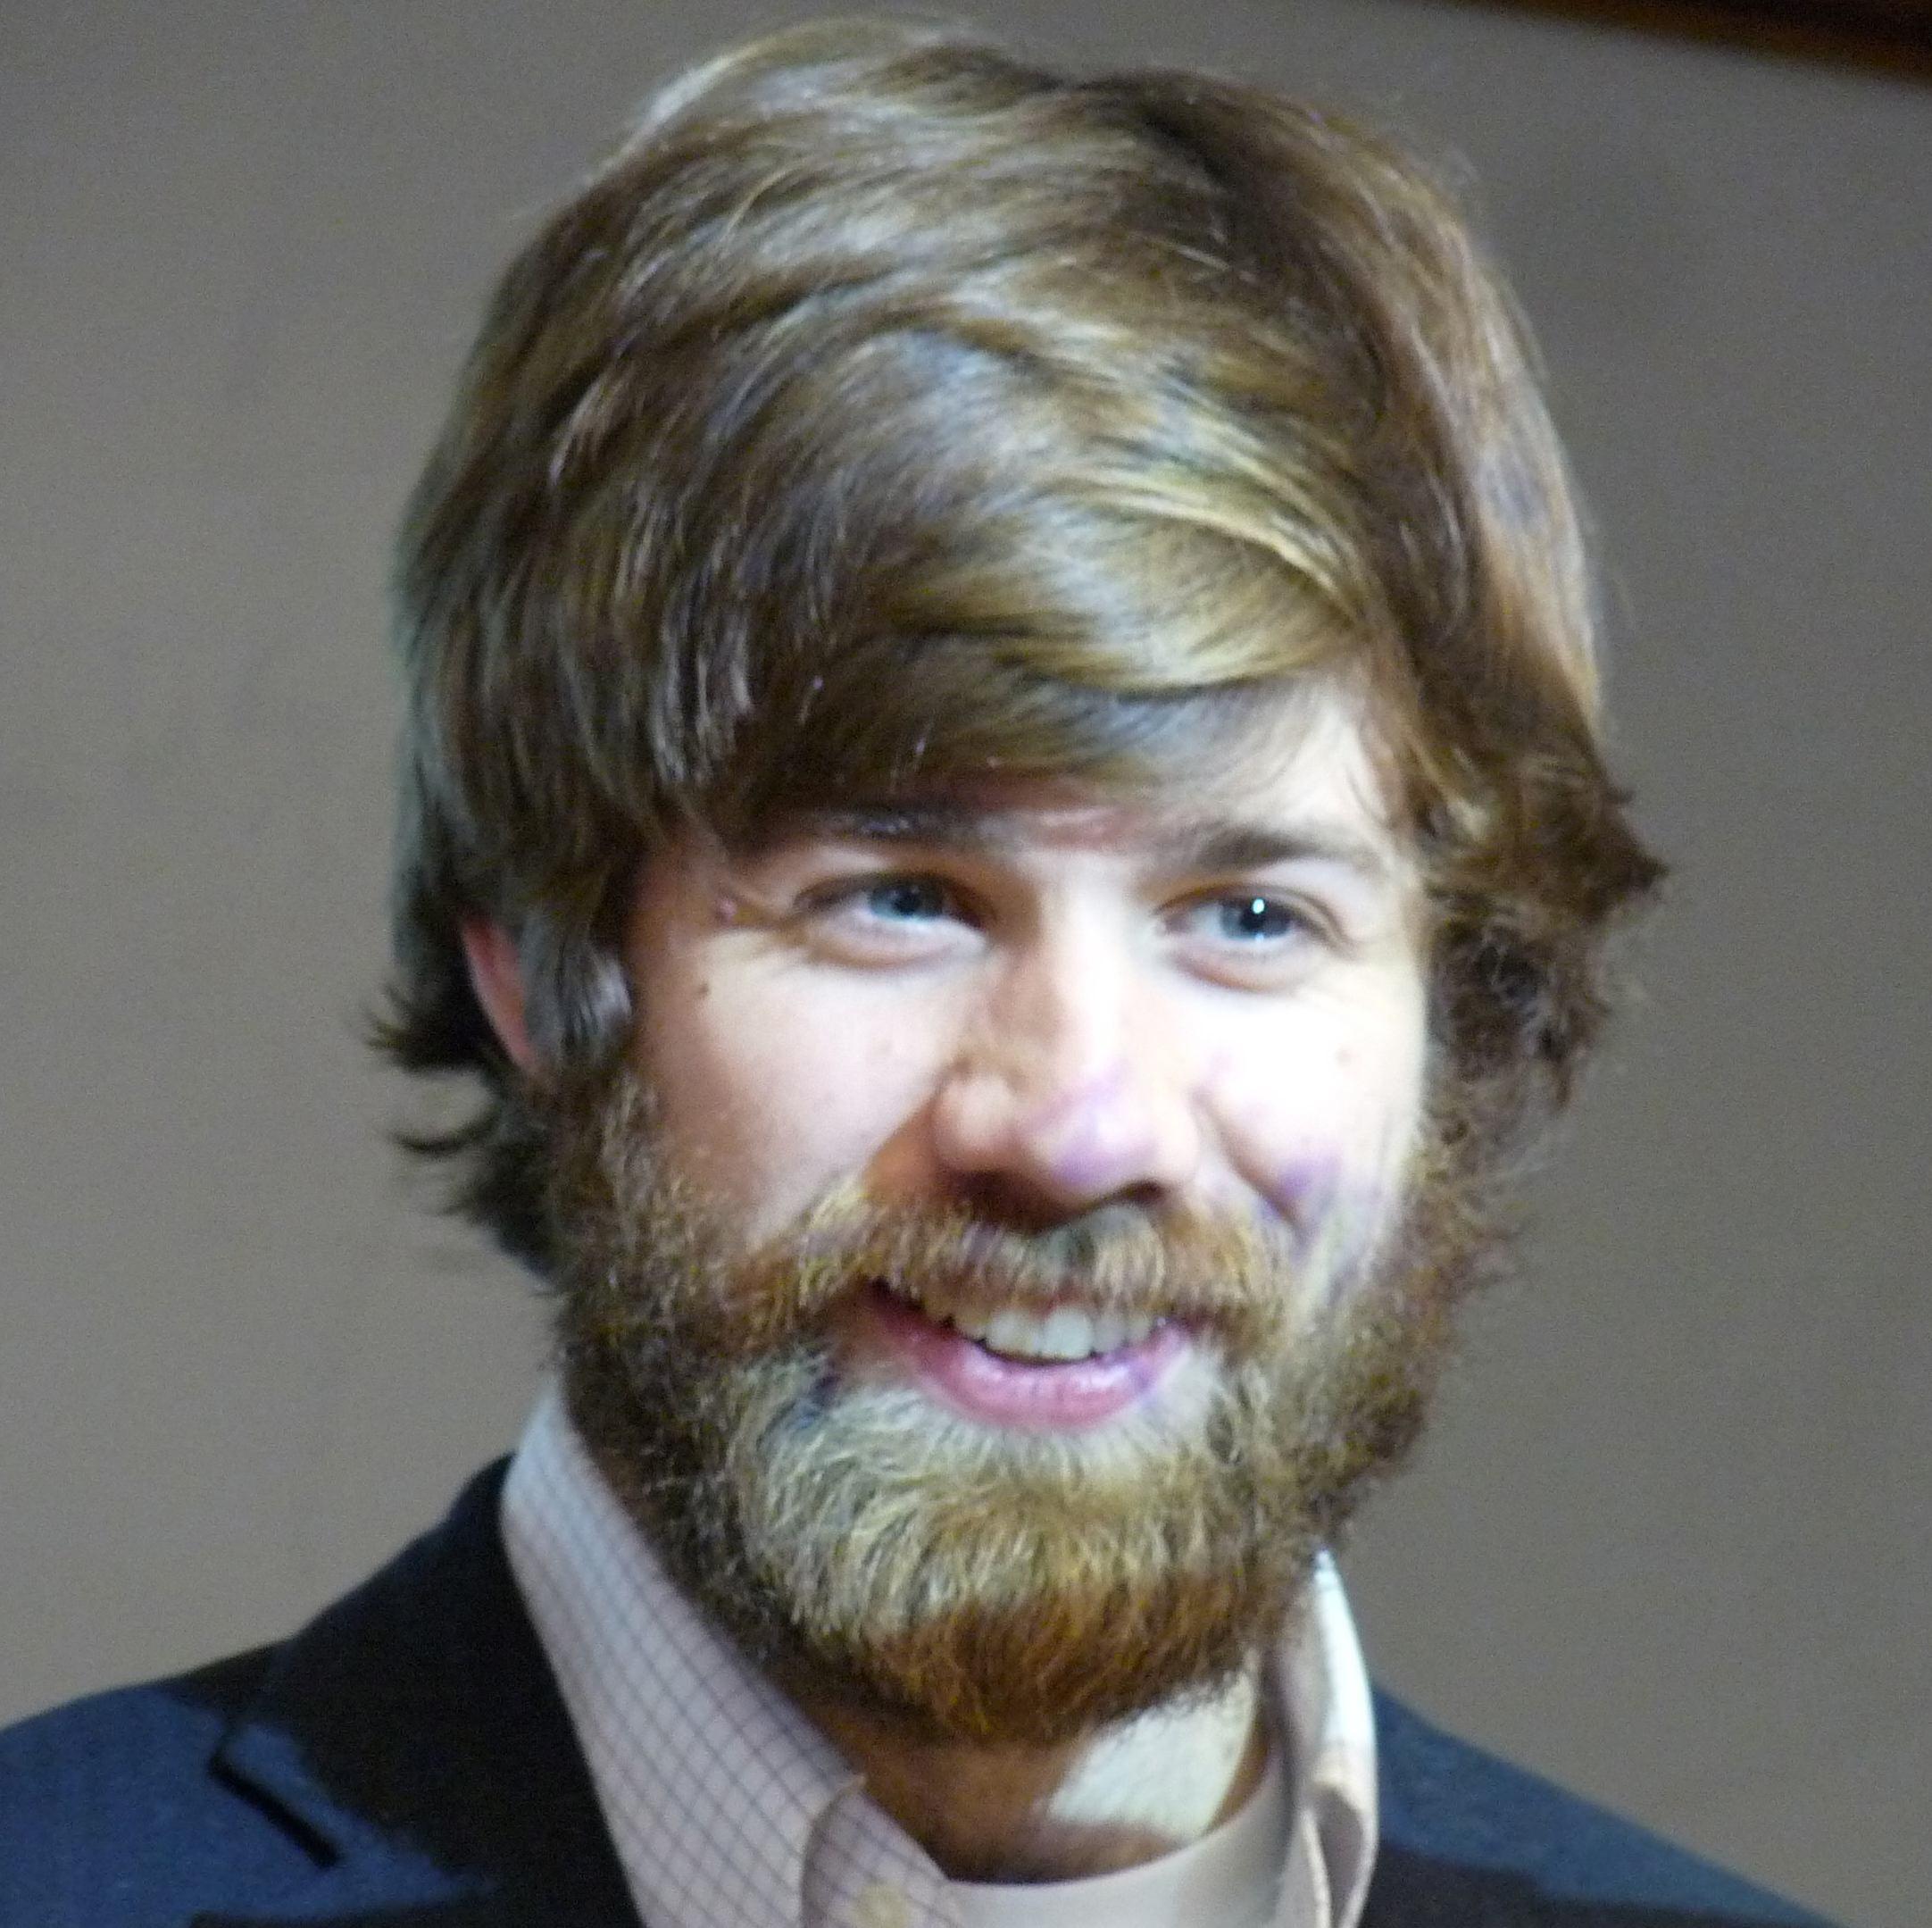 Cory Fauver